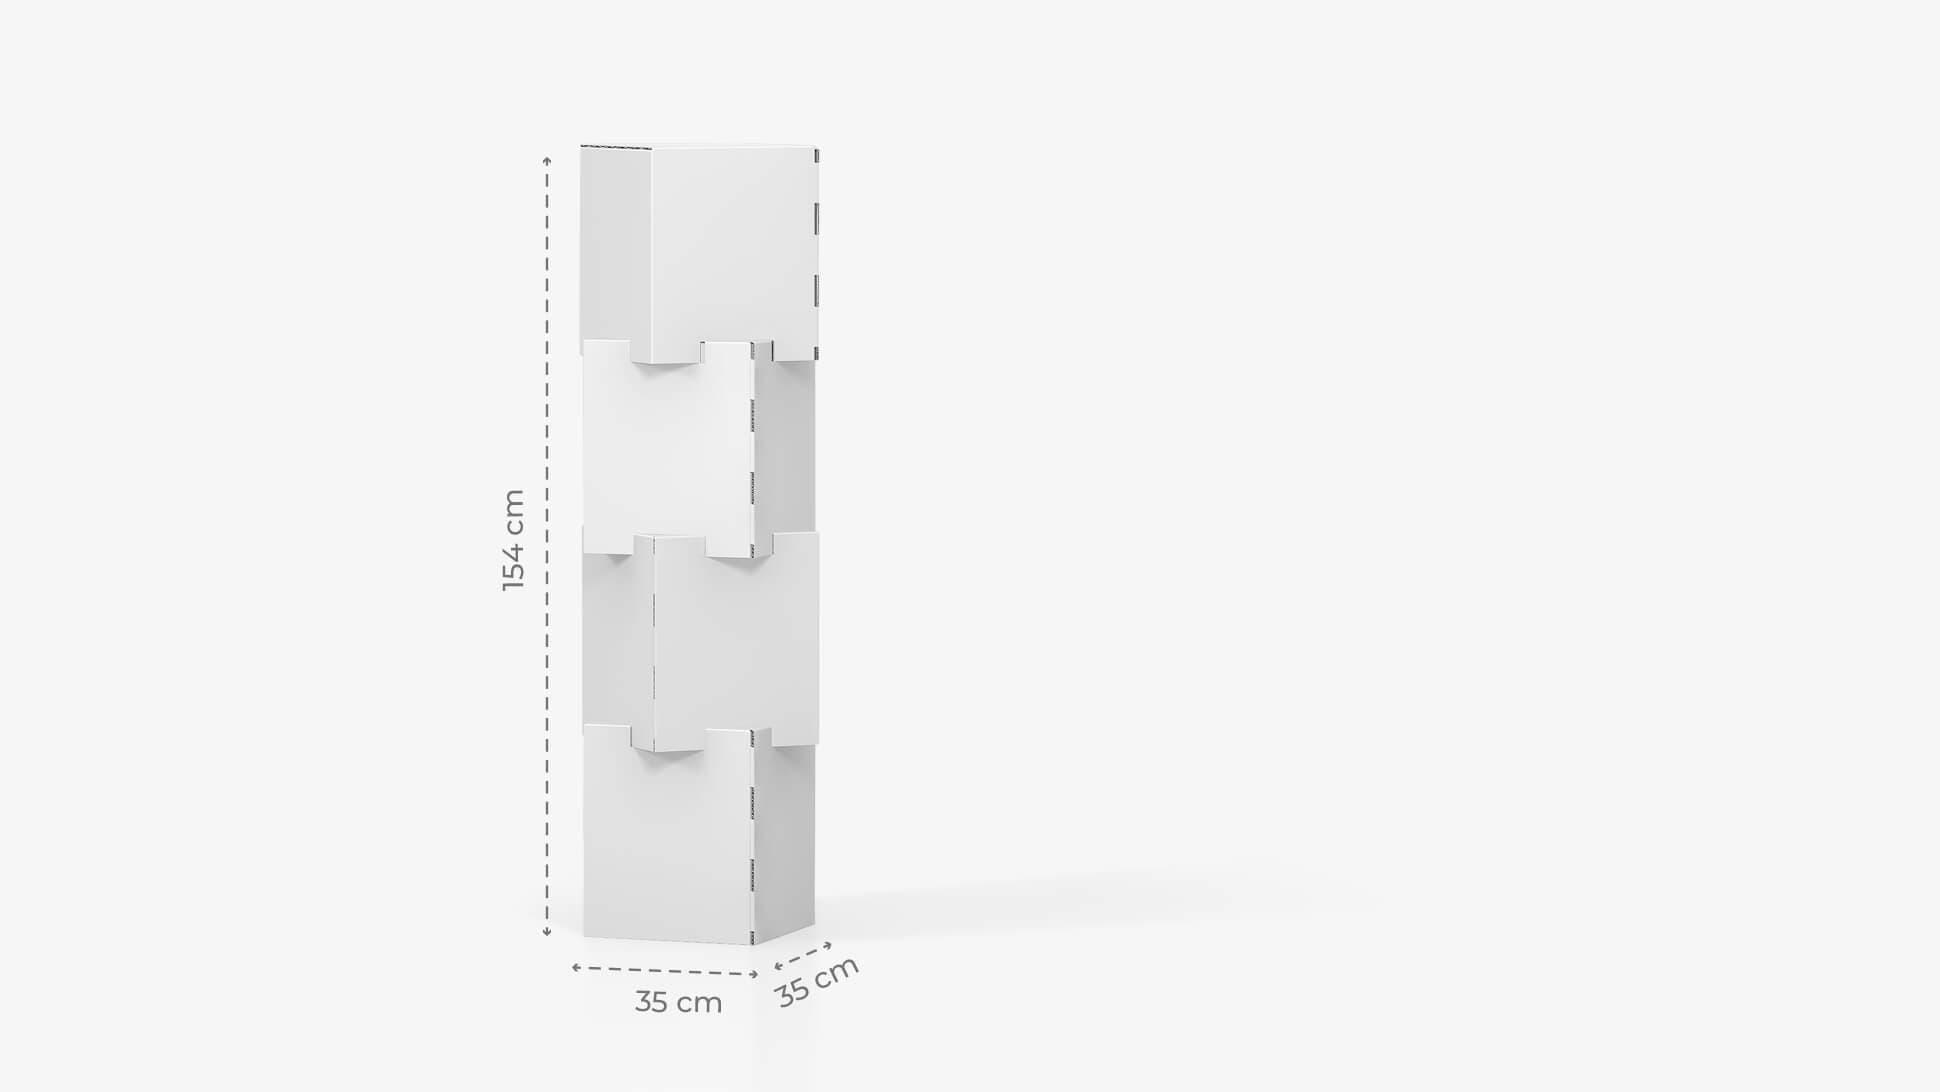 Espositore personalizzabile con 4 cubi sovrapposti h154 cm | tictac.it